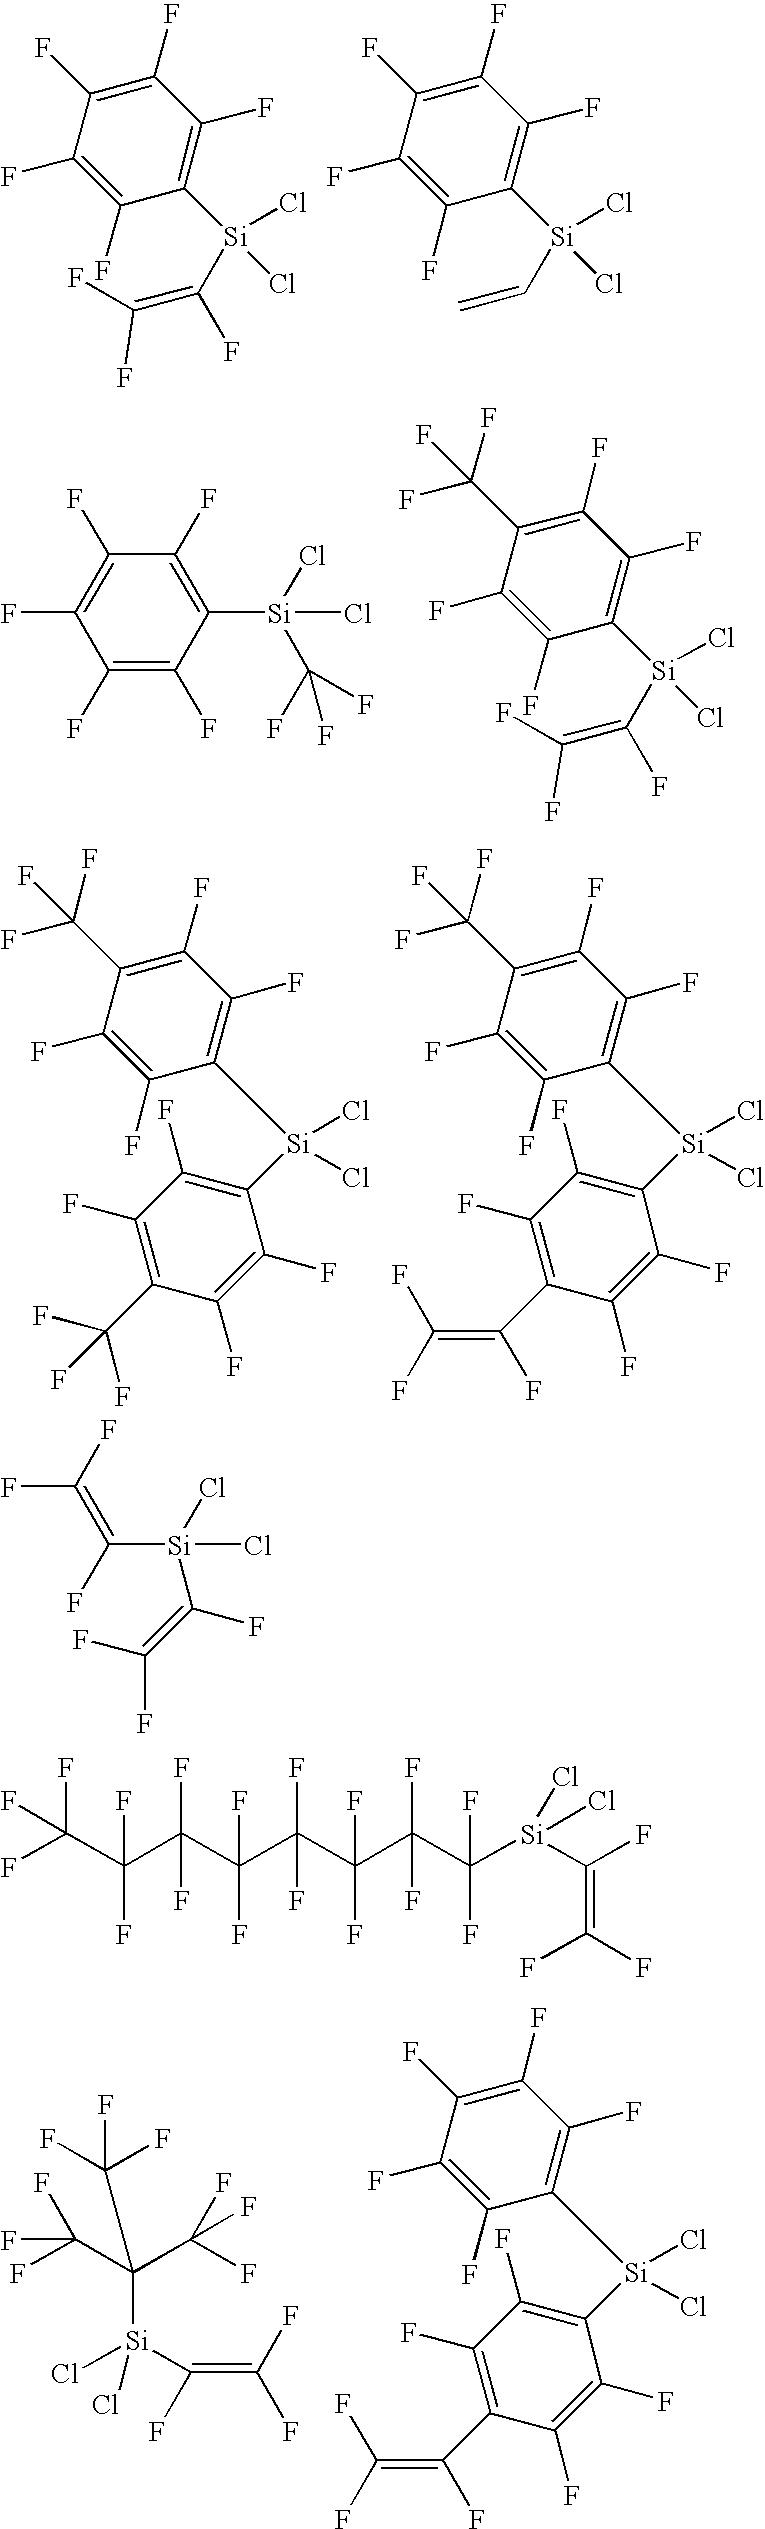 Figure US07473650-20090106-C00011